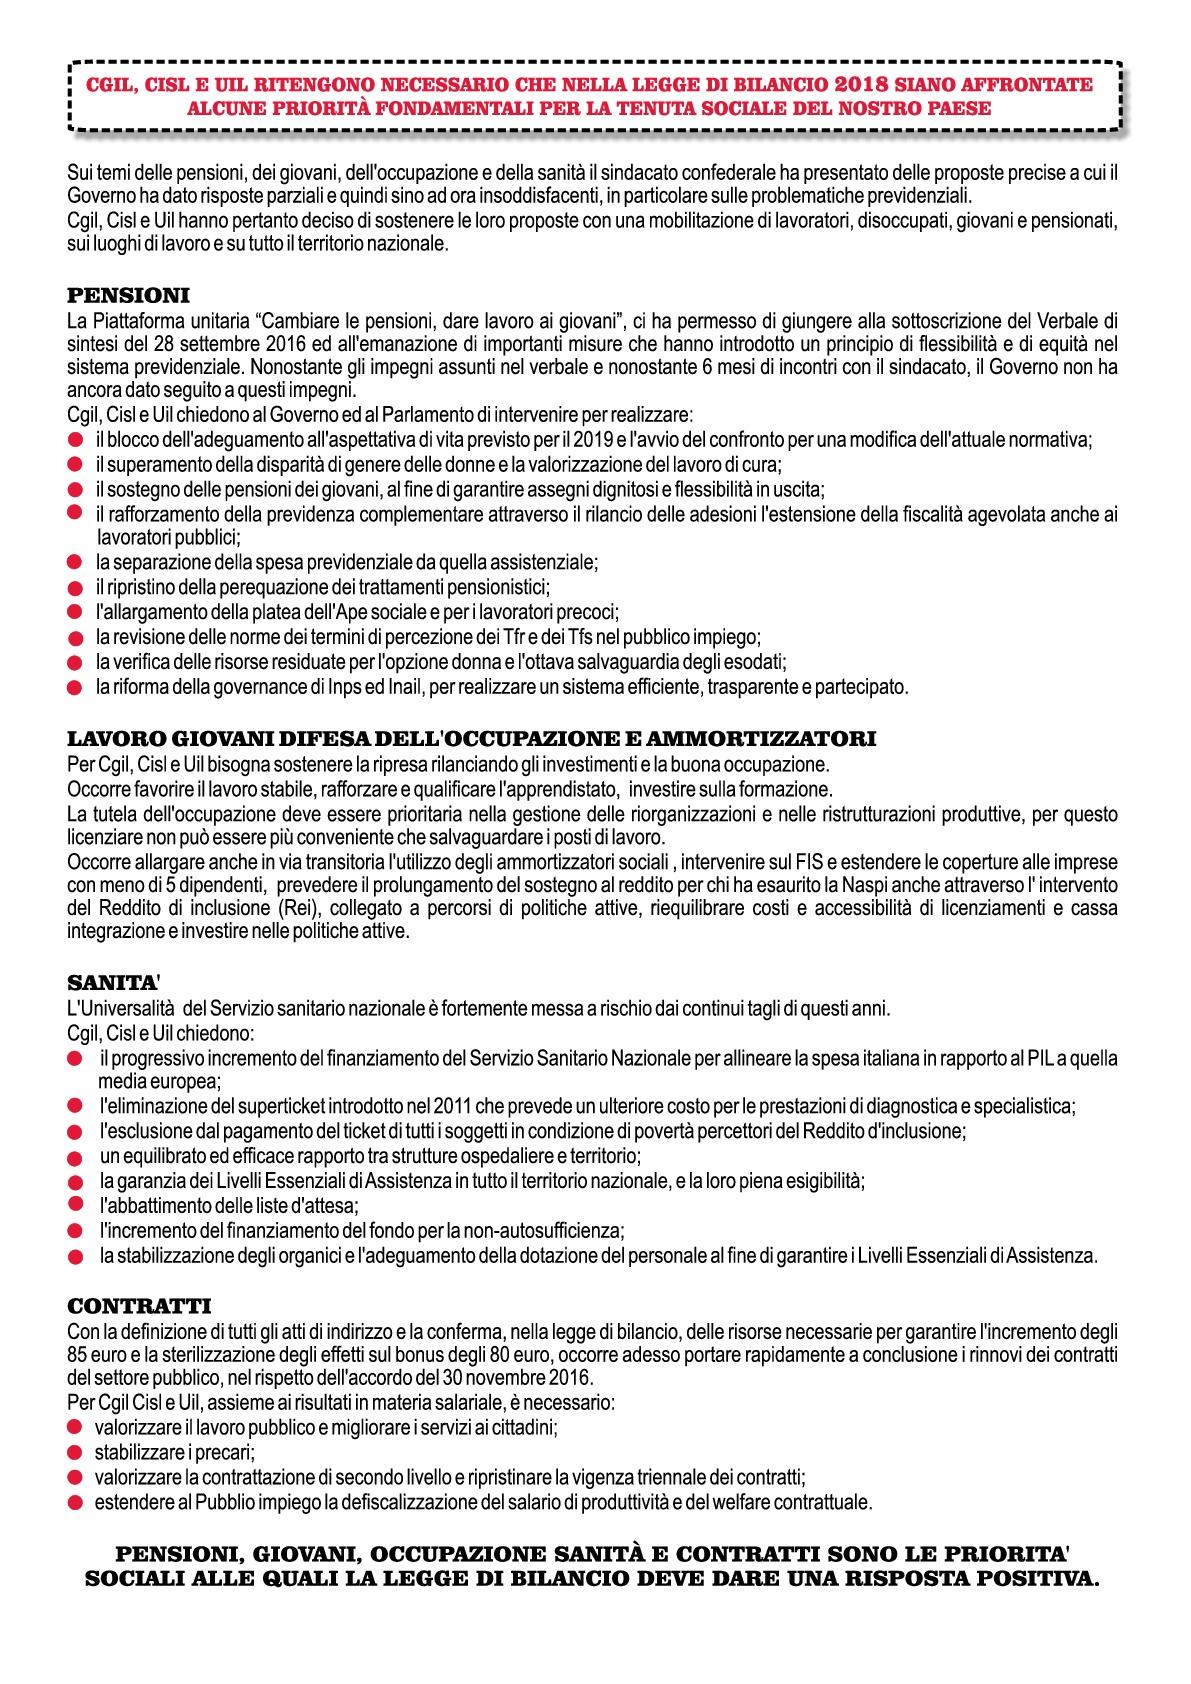 Allegato1_volantino-CGIL-CISL-UIL-LEGGE-DI-BILANCIO-2-002